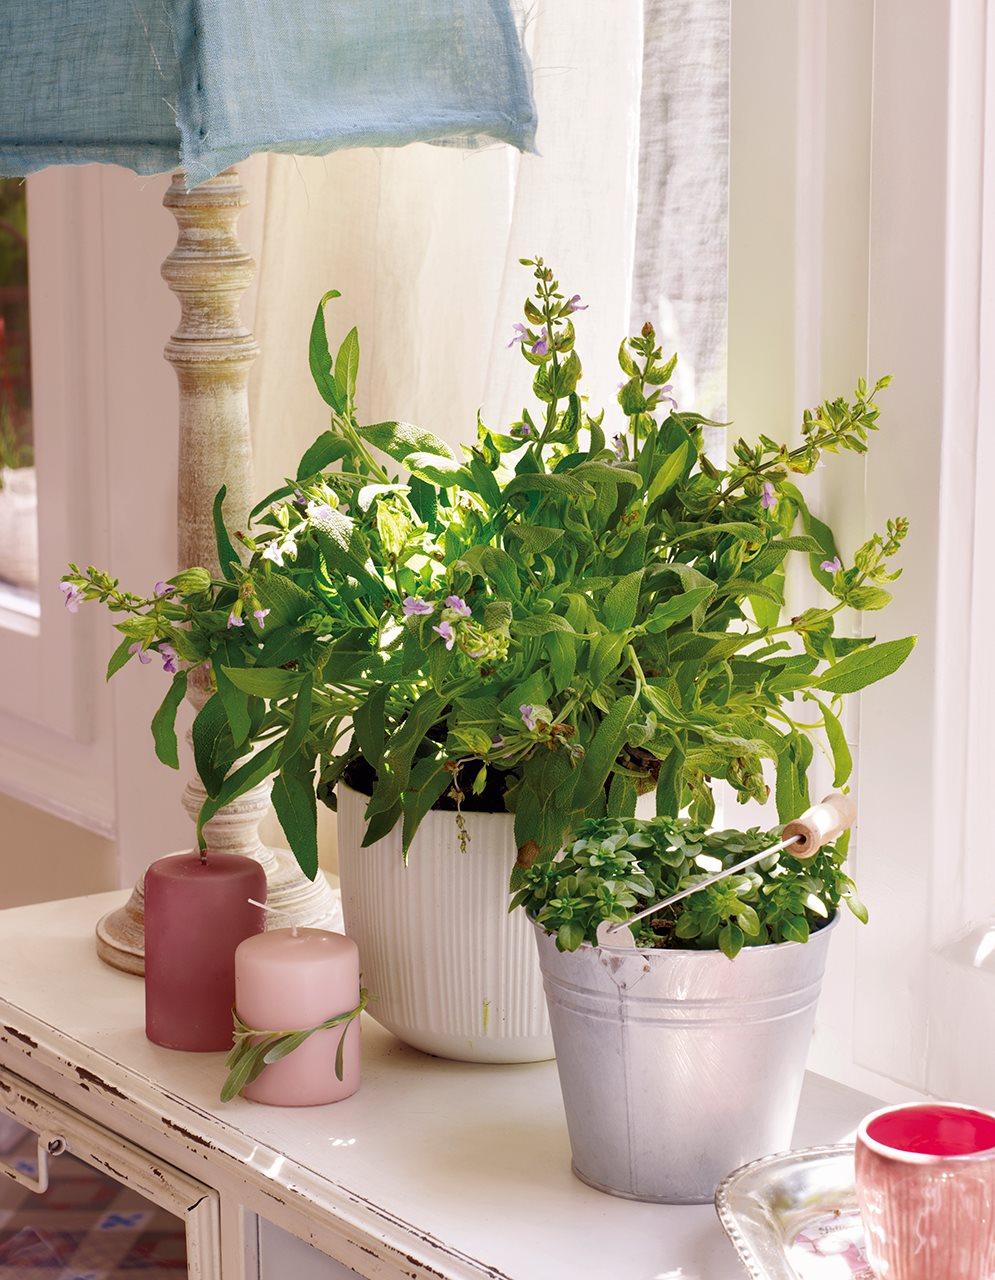 Plantas de interior aromaticas latest plantas de interior for Plantas aromaticas de interior